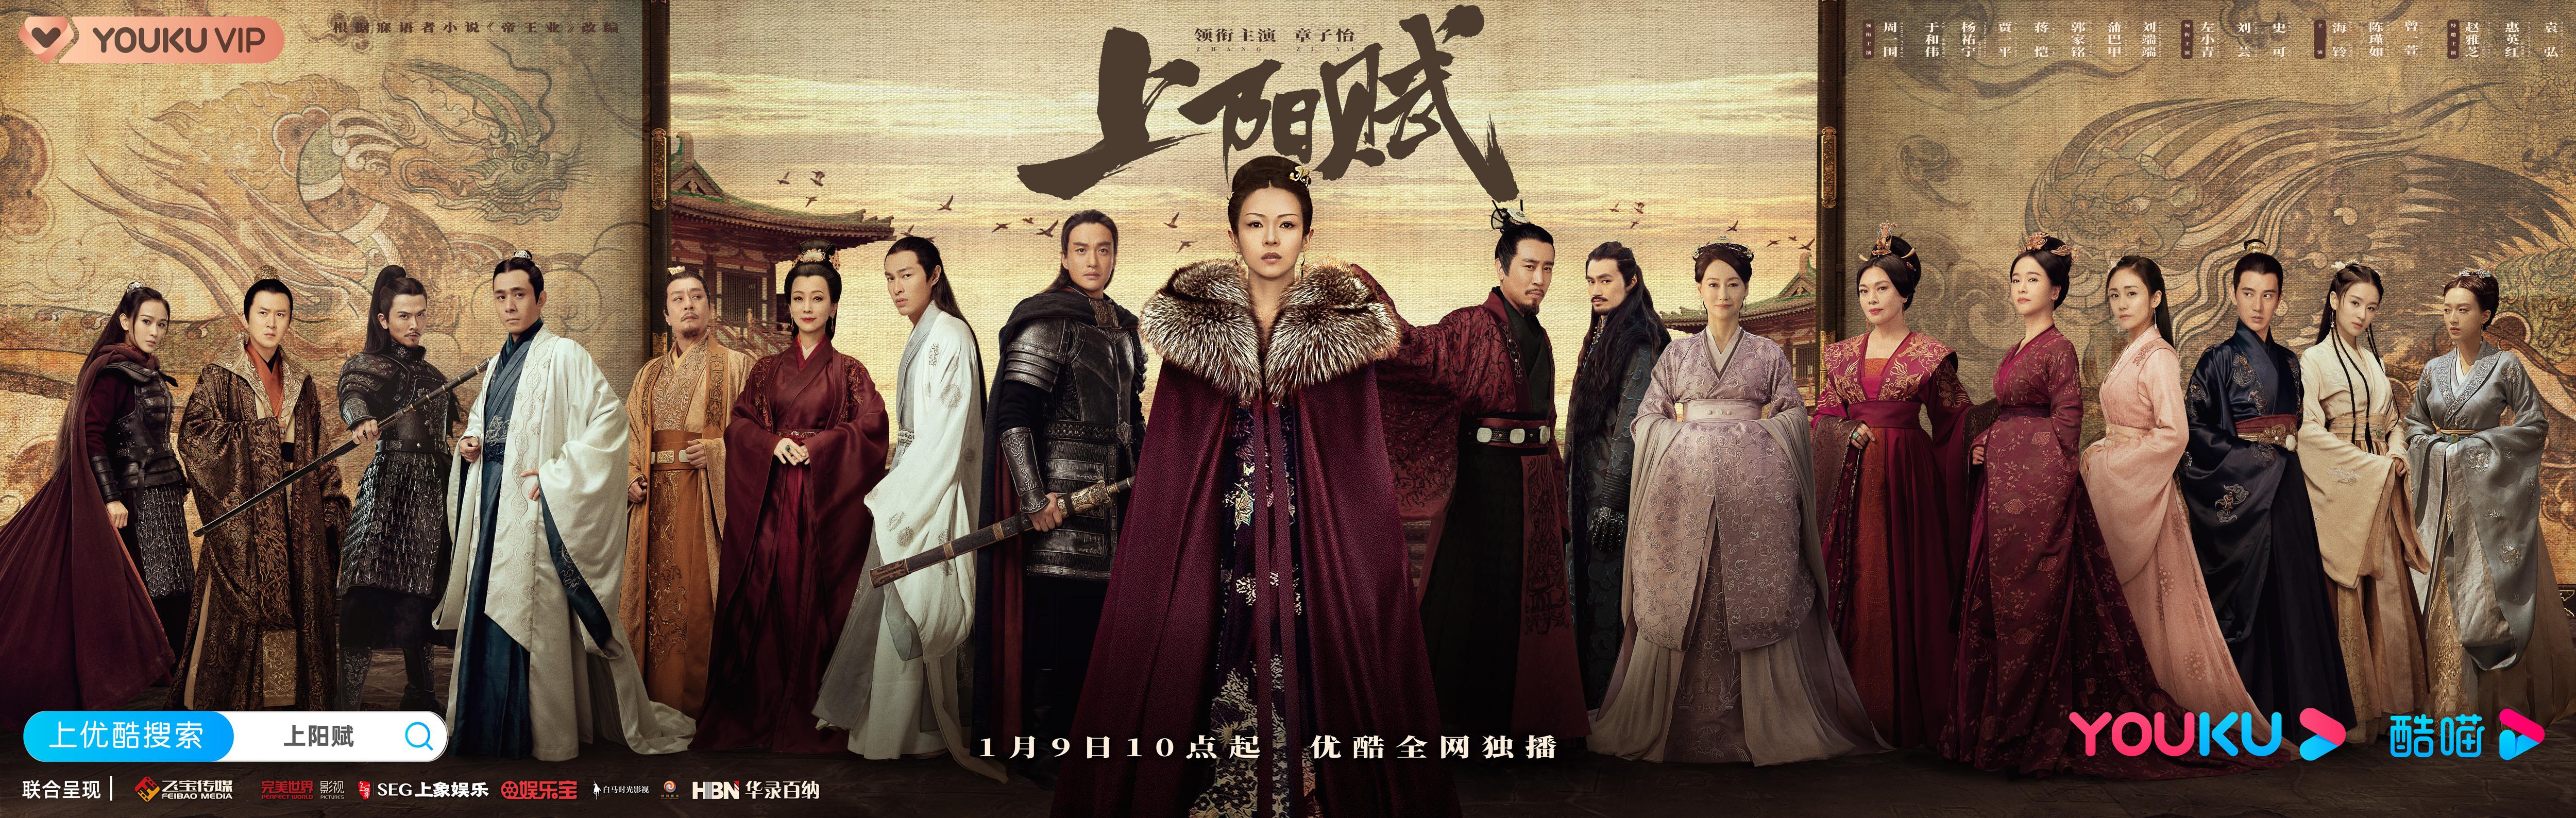 章子怡首部电视剧《上阳赋》宣布9日开播